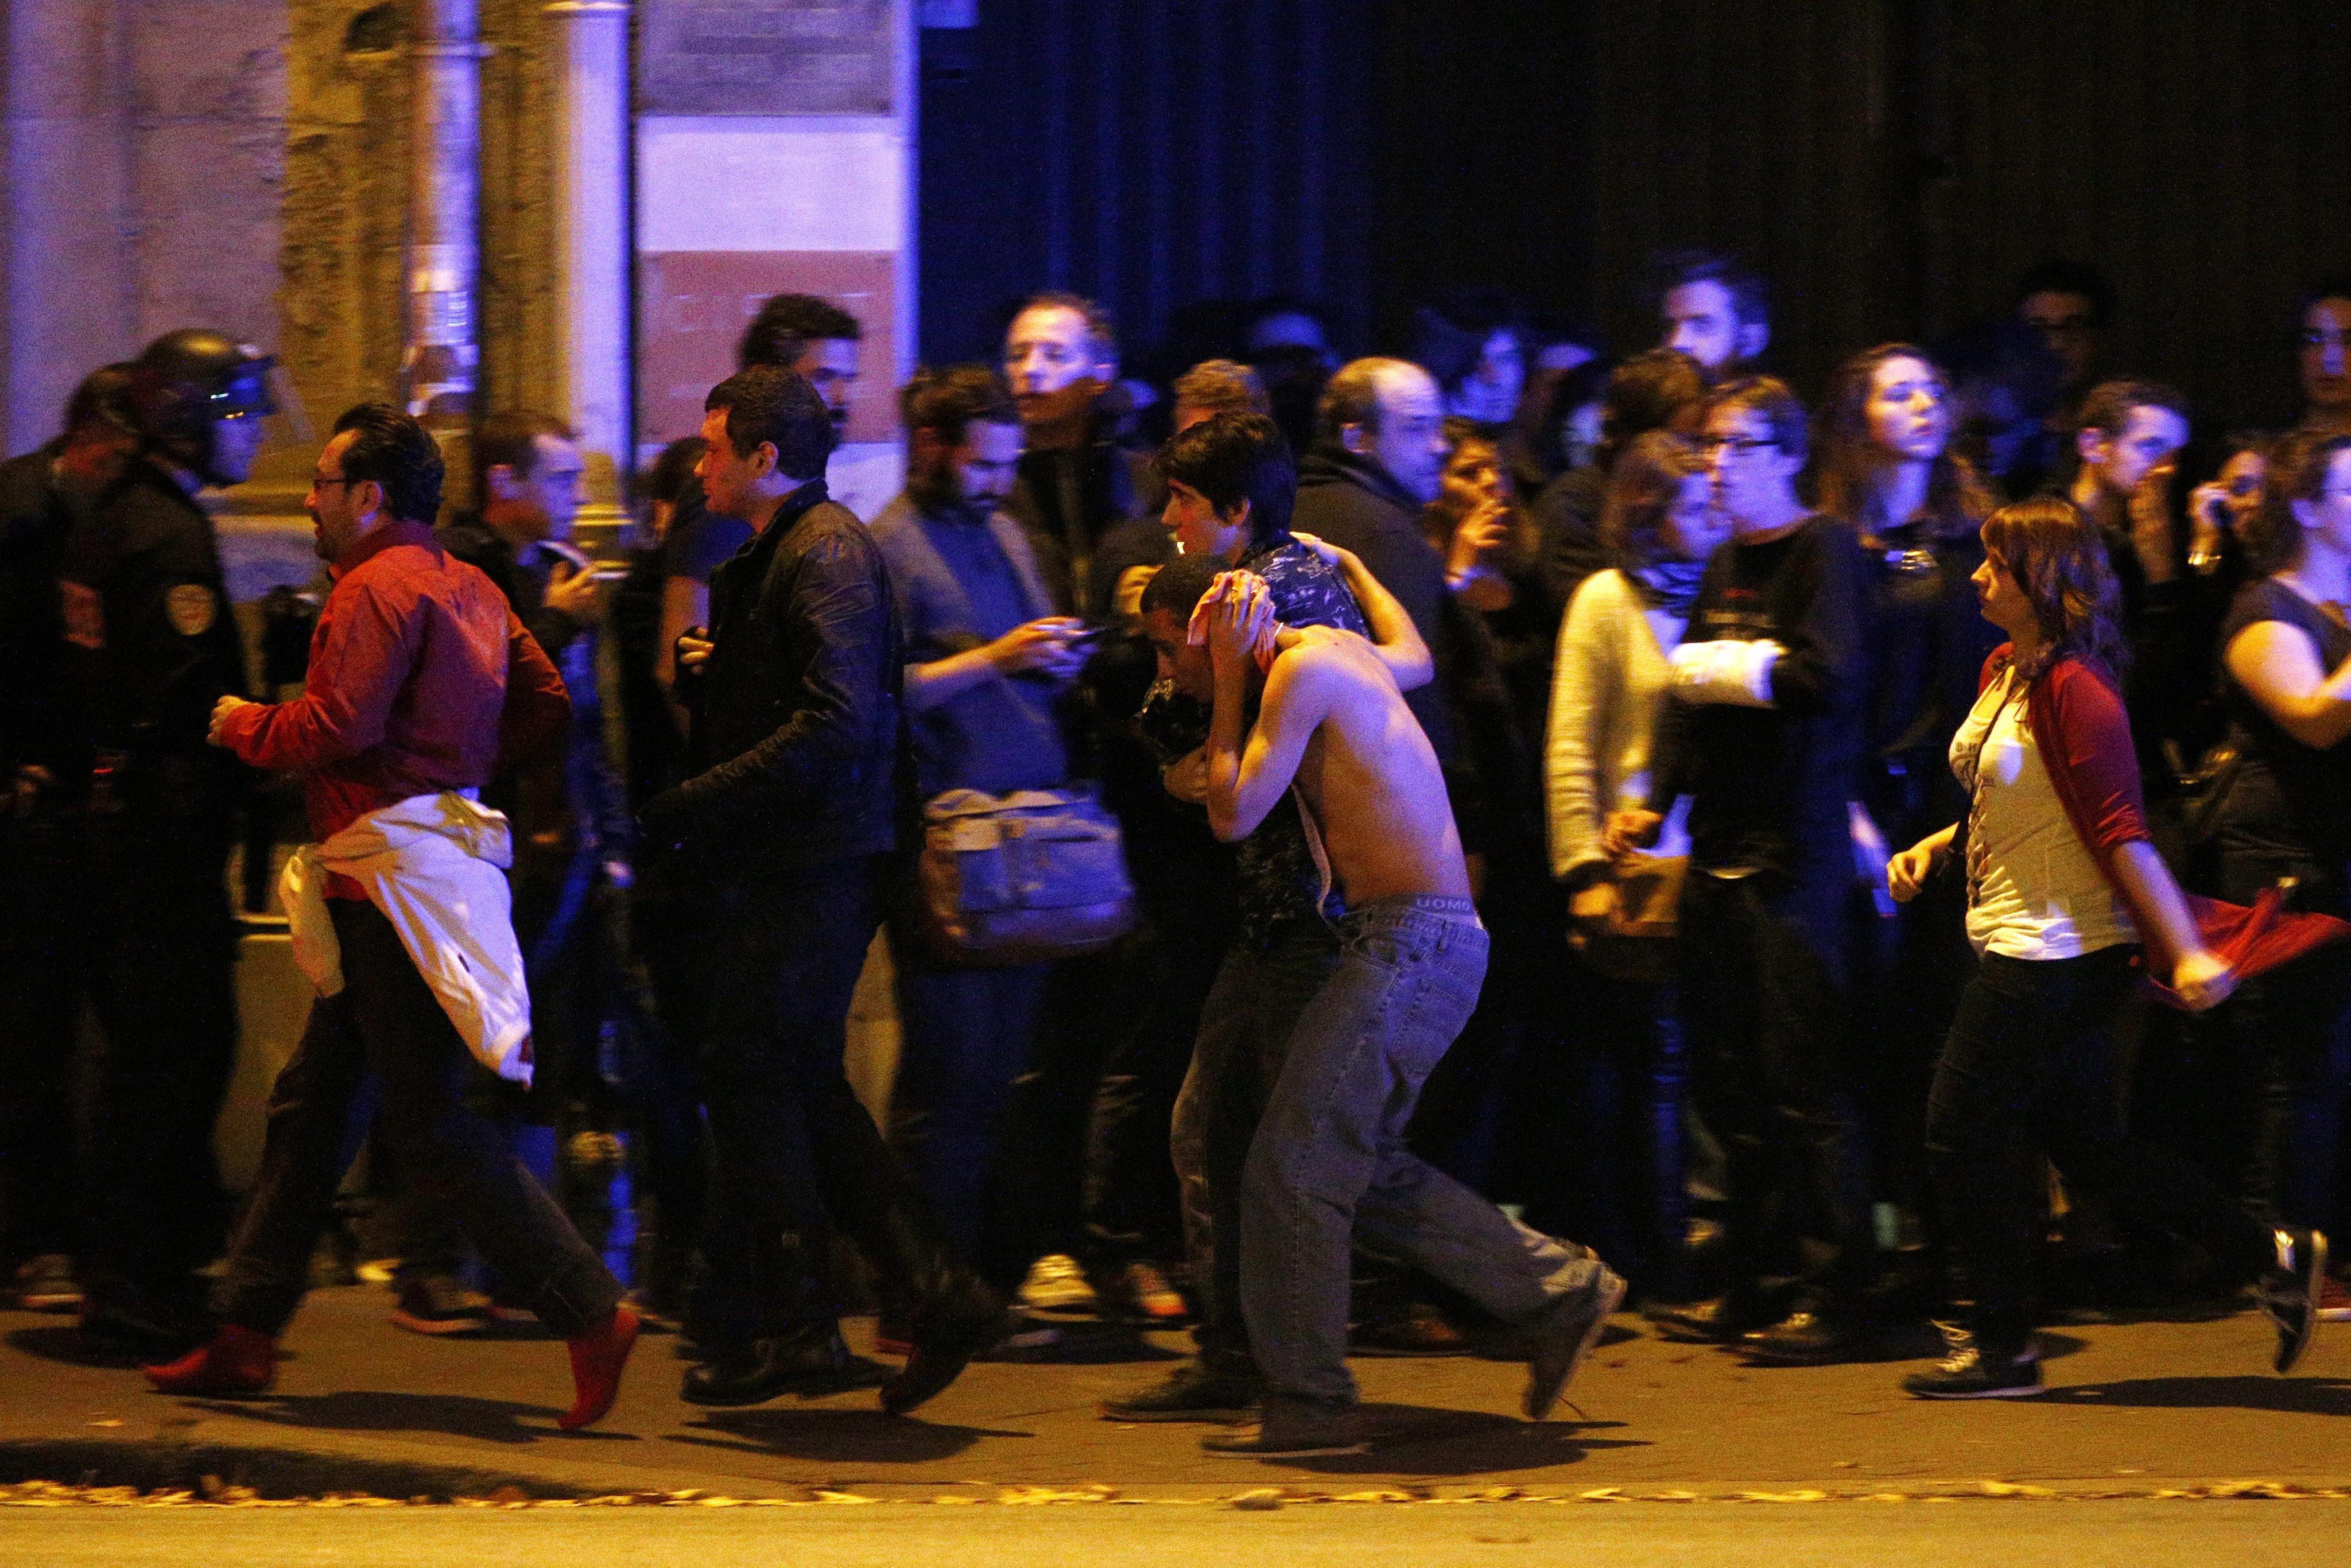 Най-малко 128 са жертвите на атаките във френската столица. Ранени са още 180 души, 99 от които са в тежко състояние